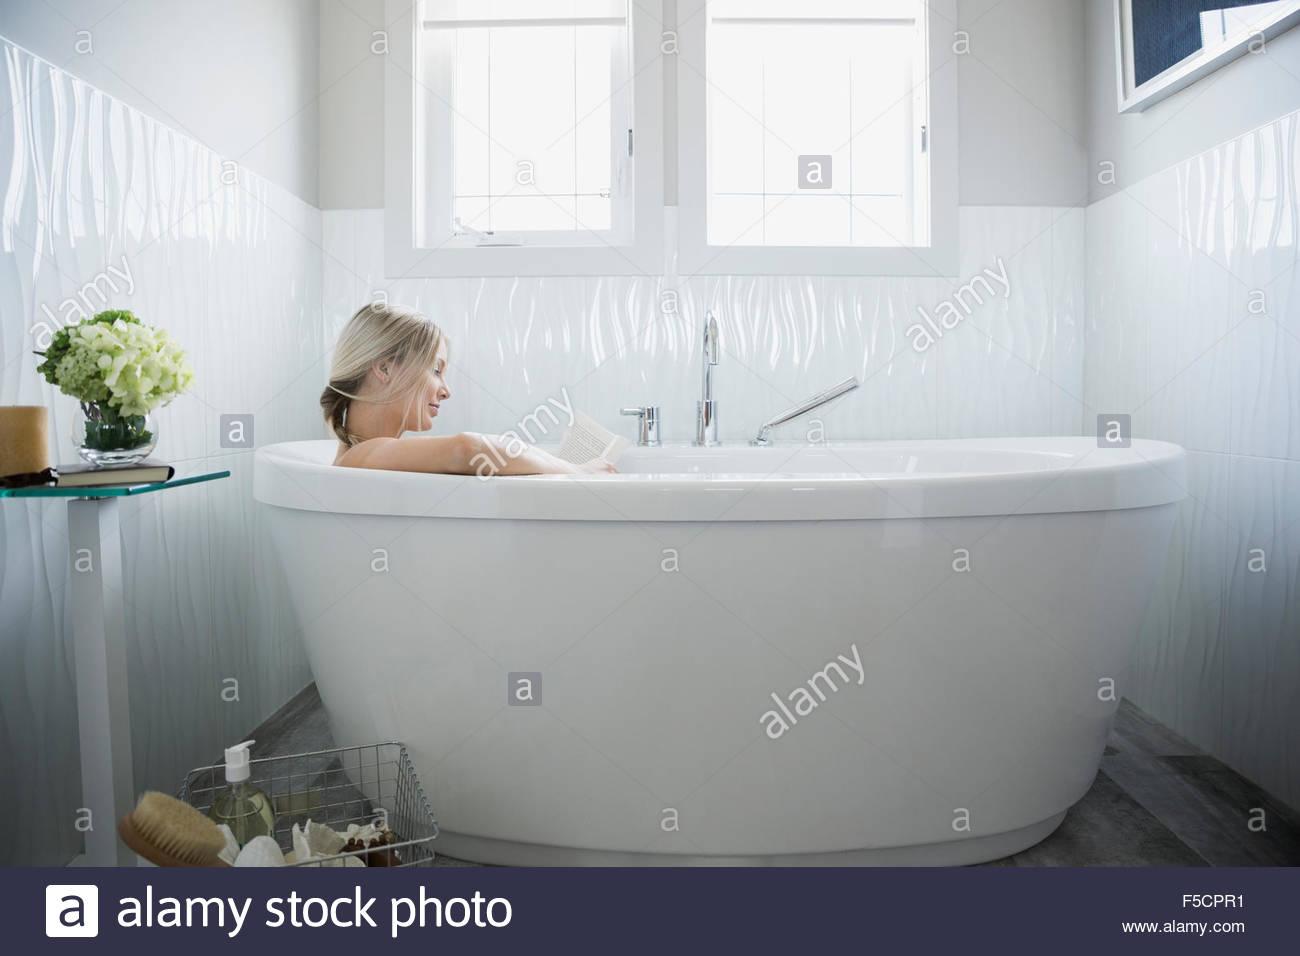 Vasca Da Bagno Espanol : La donna la lettura e il relax nella vasca da bagno foto & immagine